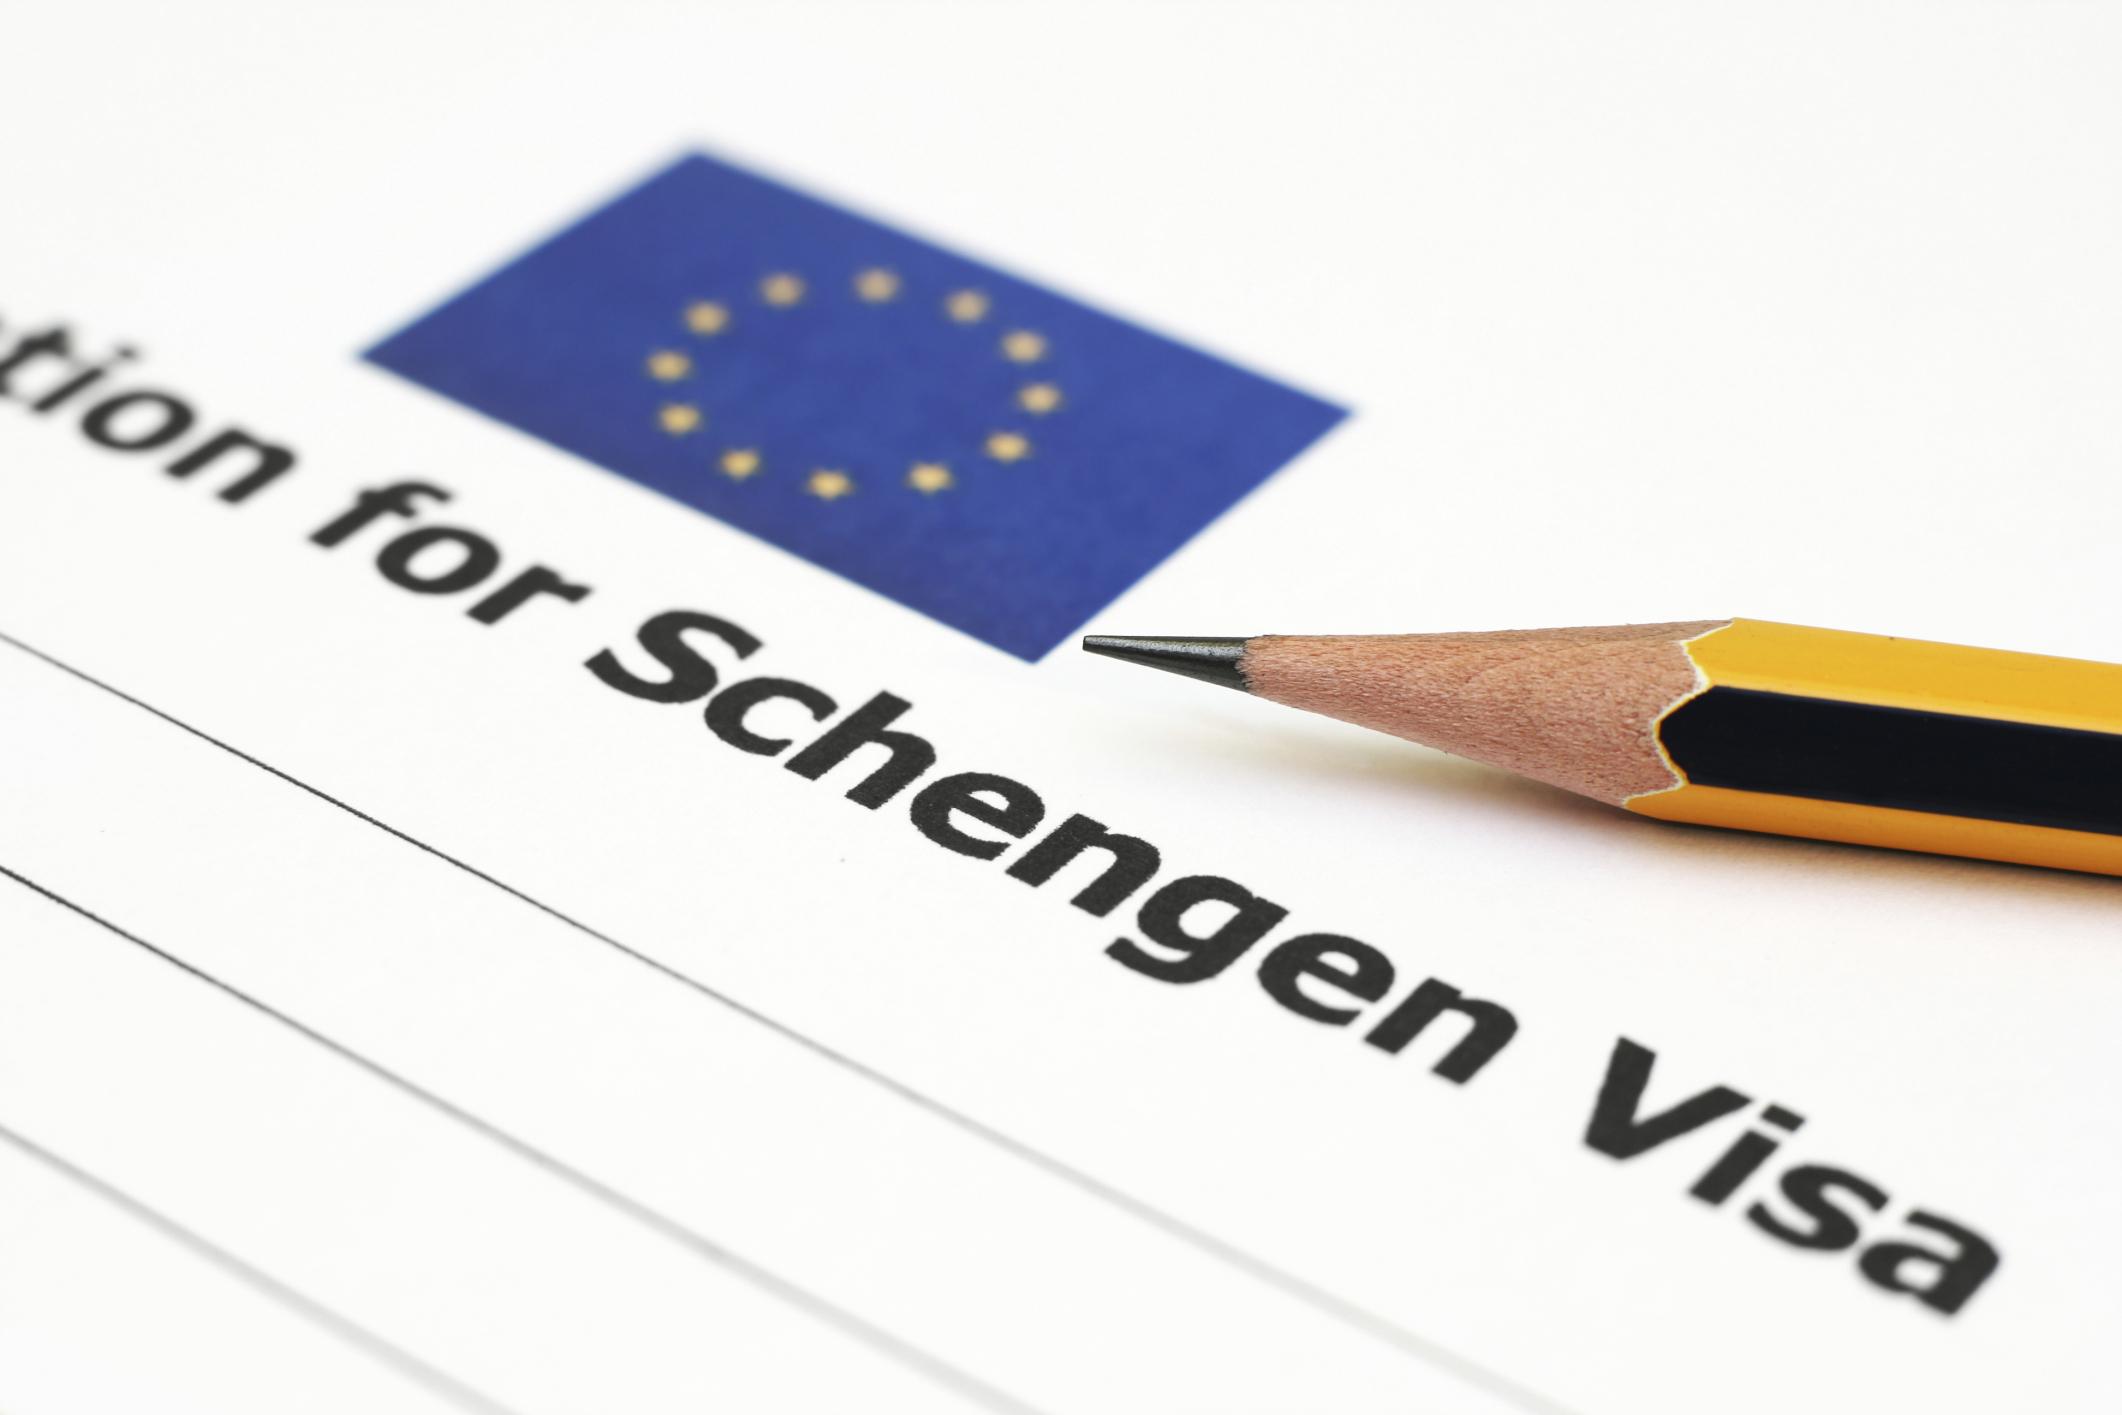 Список стран шенгена